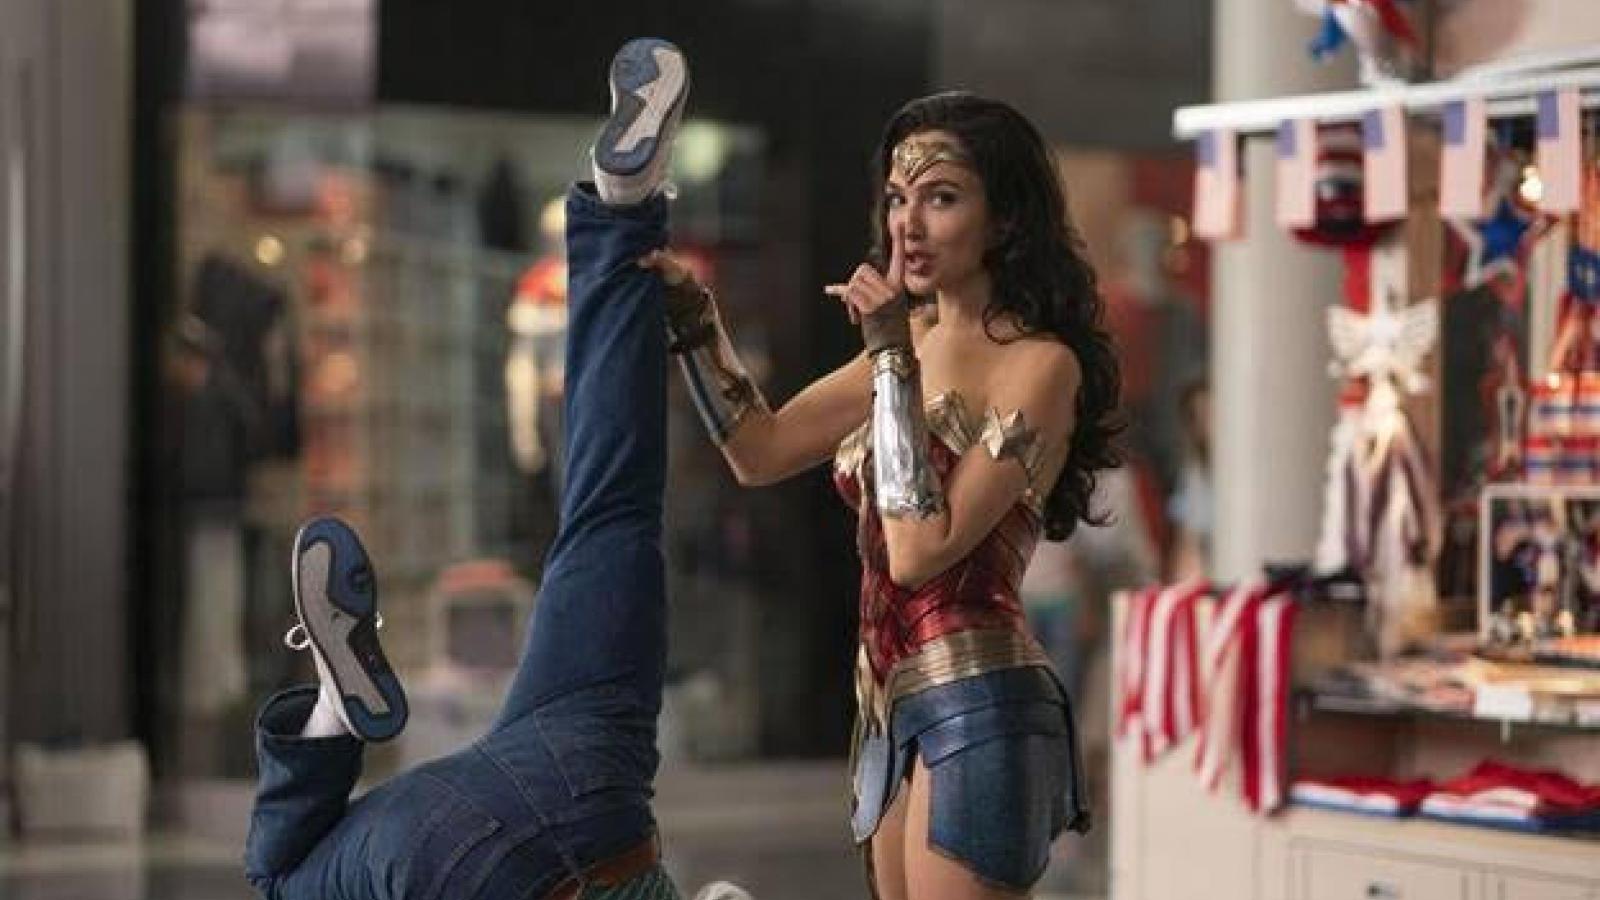 """Điểm danh """"tứ trụ quyền lực"""" của bom tấn """"Wonder Woman 1984 - Nữ thần chiến binh"""""""